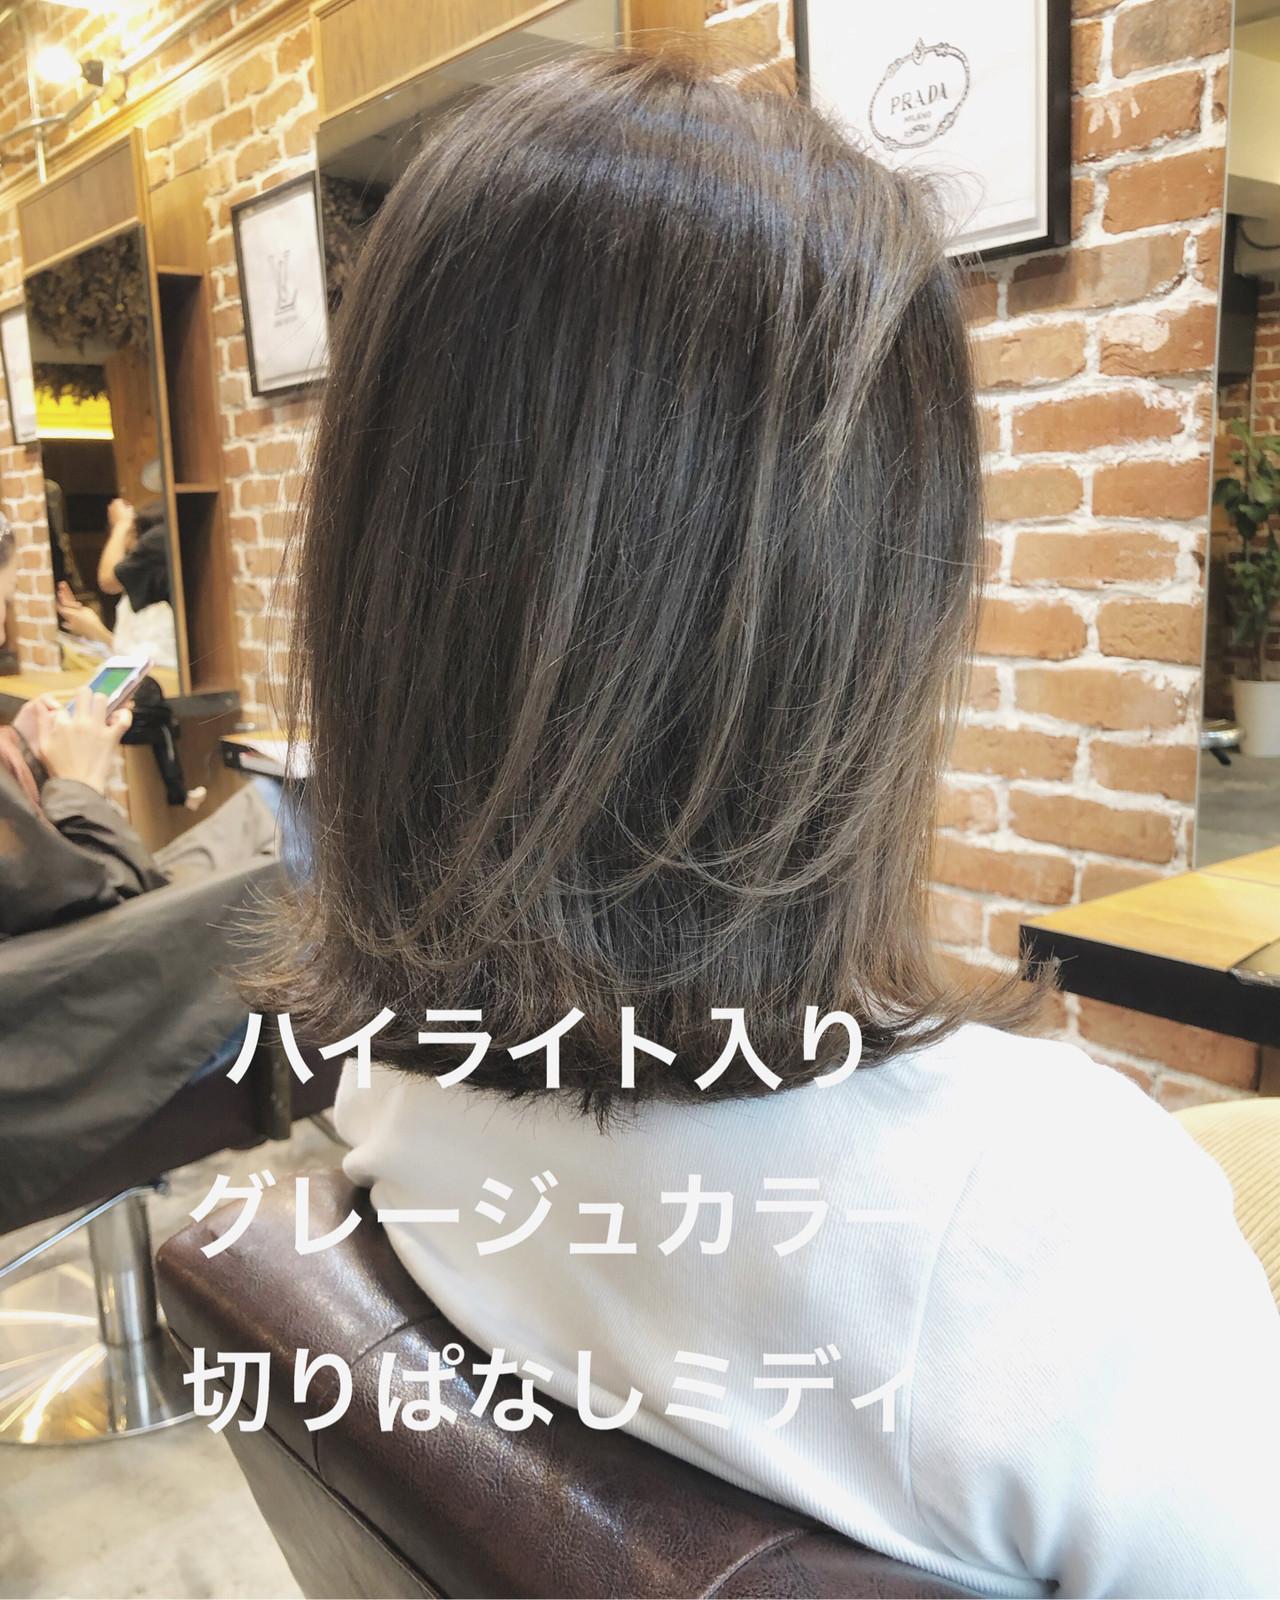 イルミナカラー グレージュ ナチュラル パーマ ヘアスタイルや髪型の写真・画像